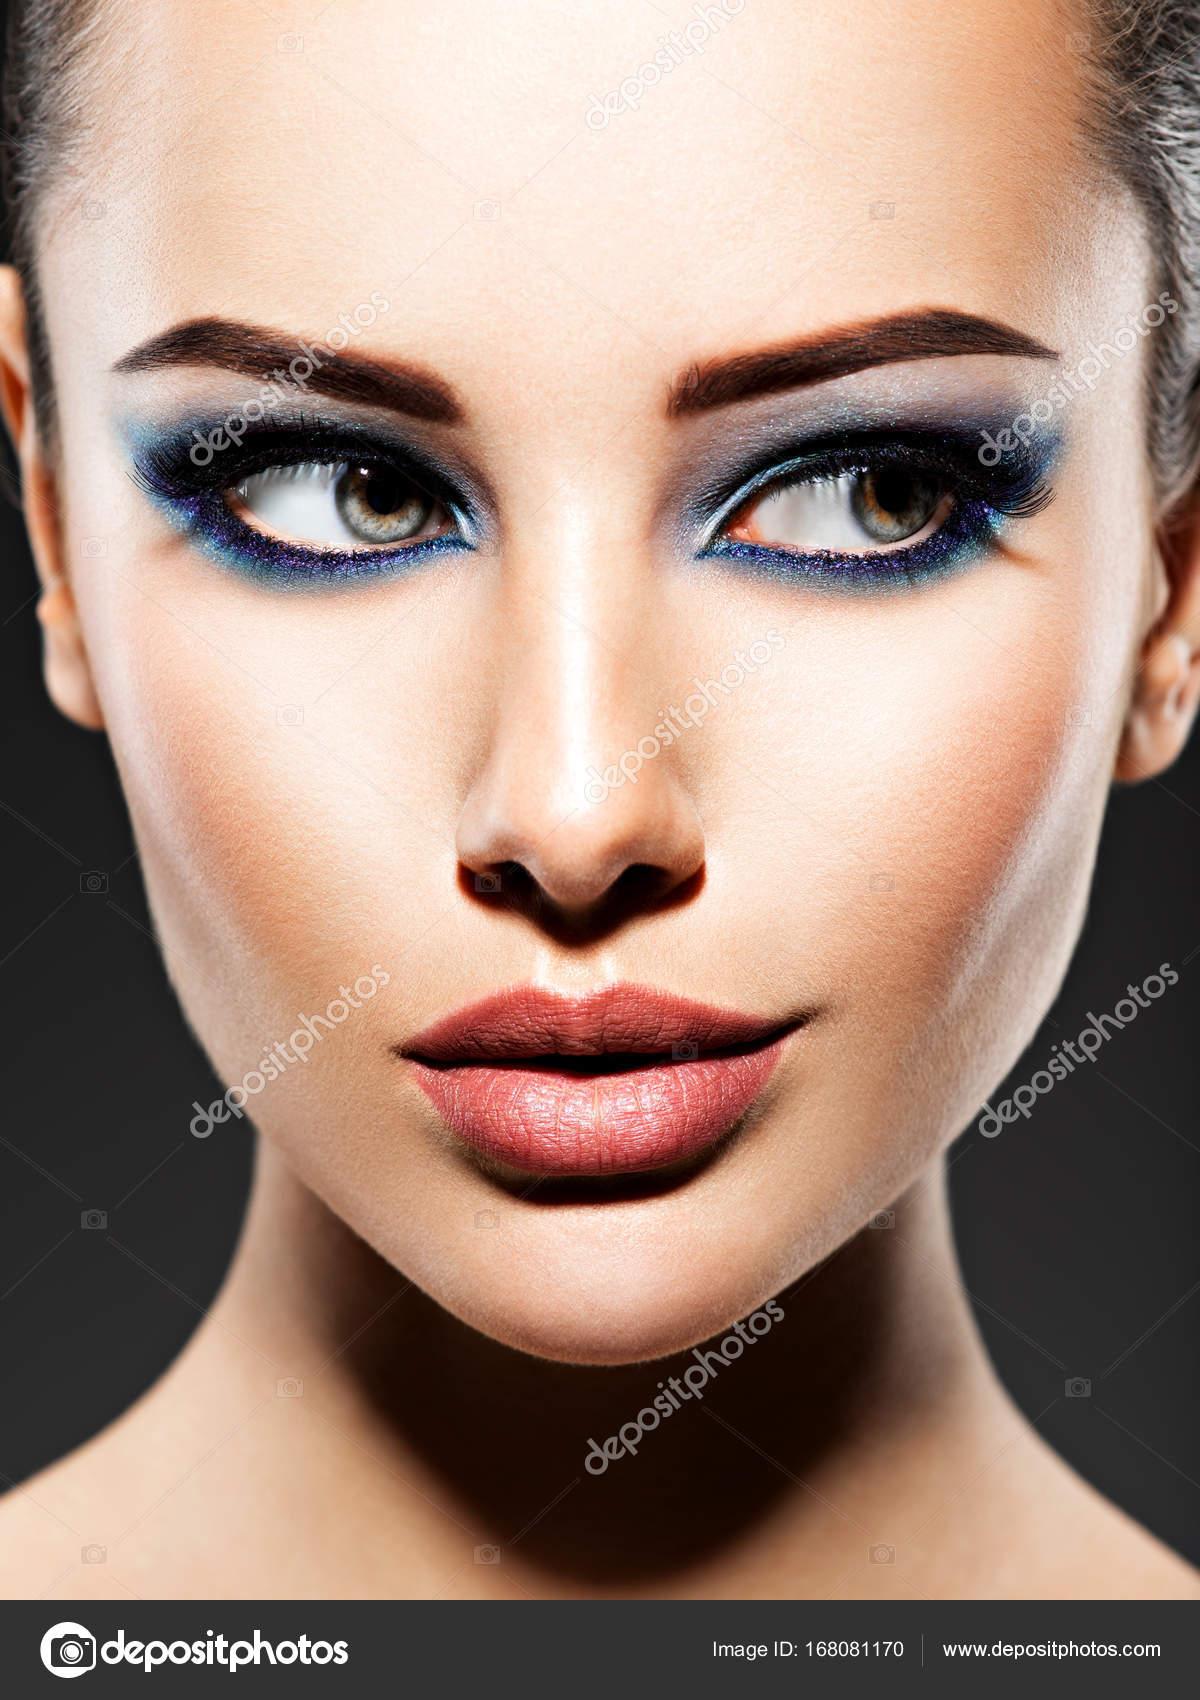 Junge Frau Mit Blauen Augen Make Up Stockfoto C Valuavitaly 168081170